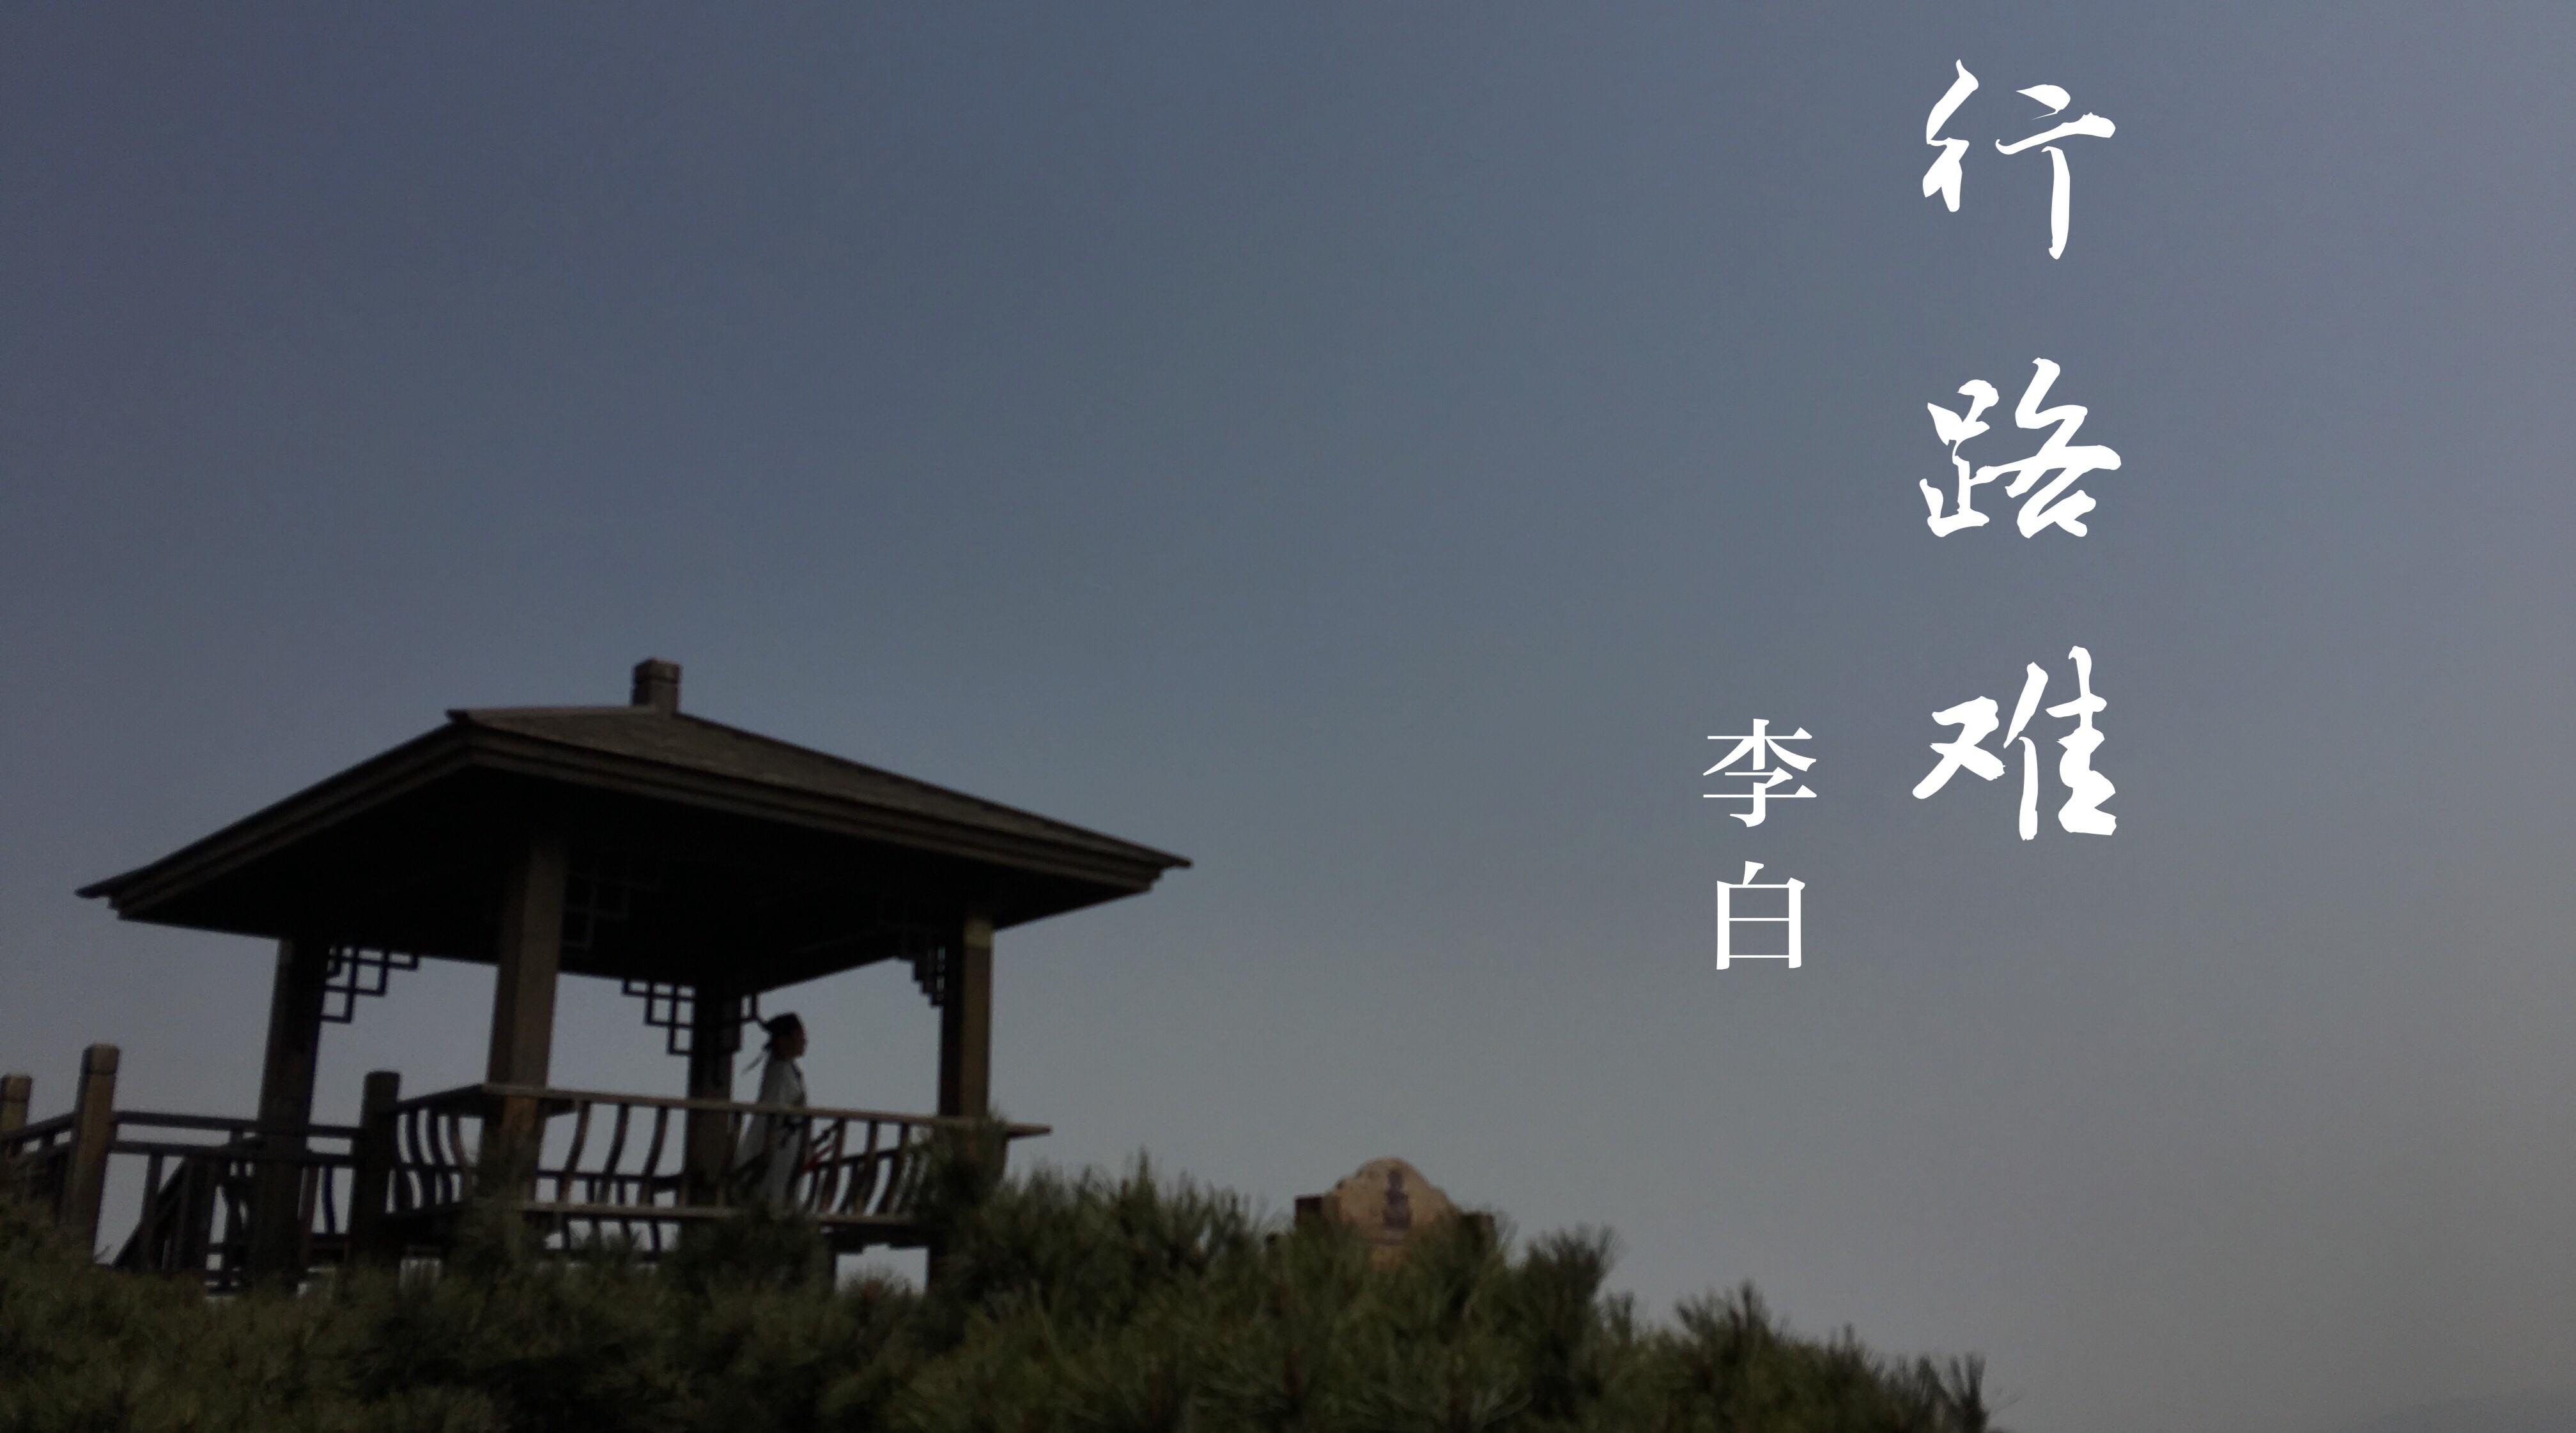 诗朗诵——李白《行路难》